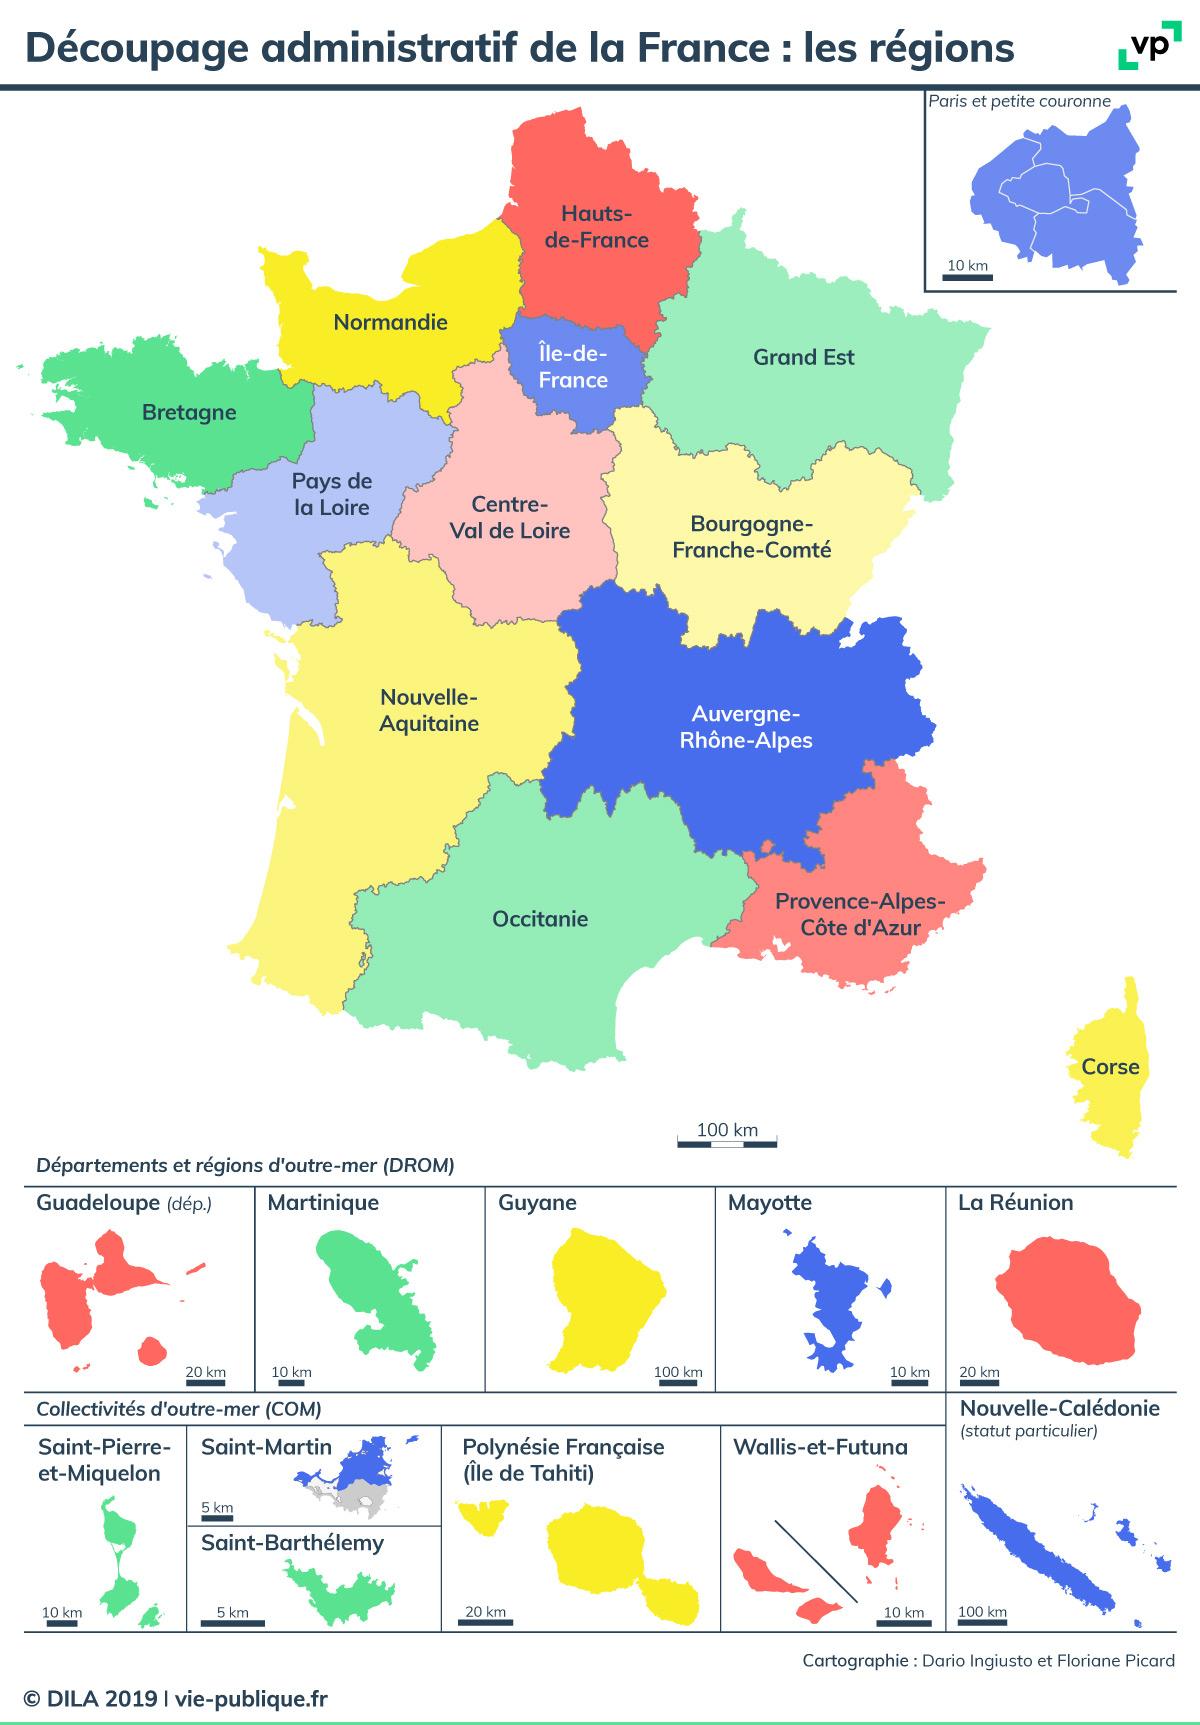 Découpage Administratif De La France : Les Régions | Vie pour France Territoires D Outre Mer